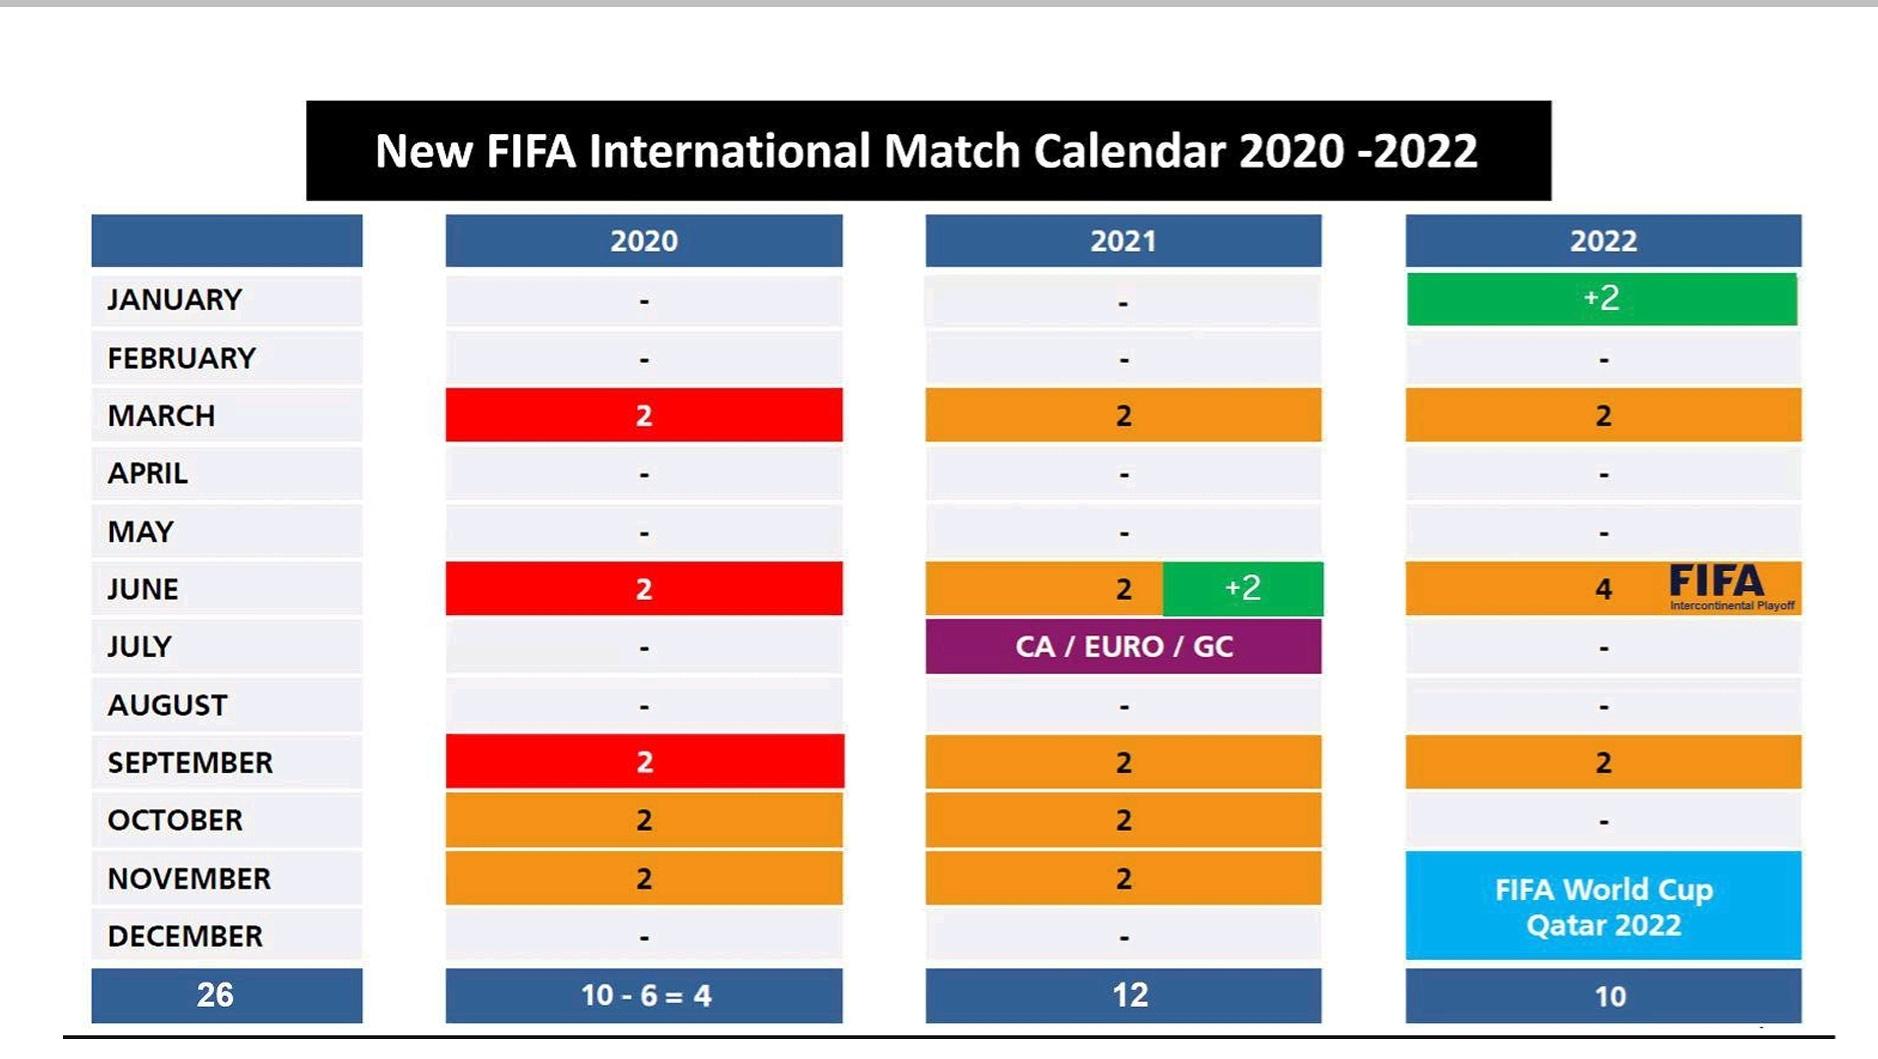 FIFI World cup Qatar 2022